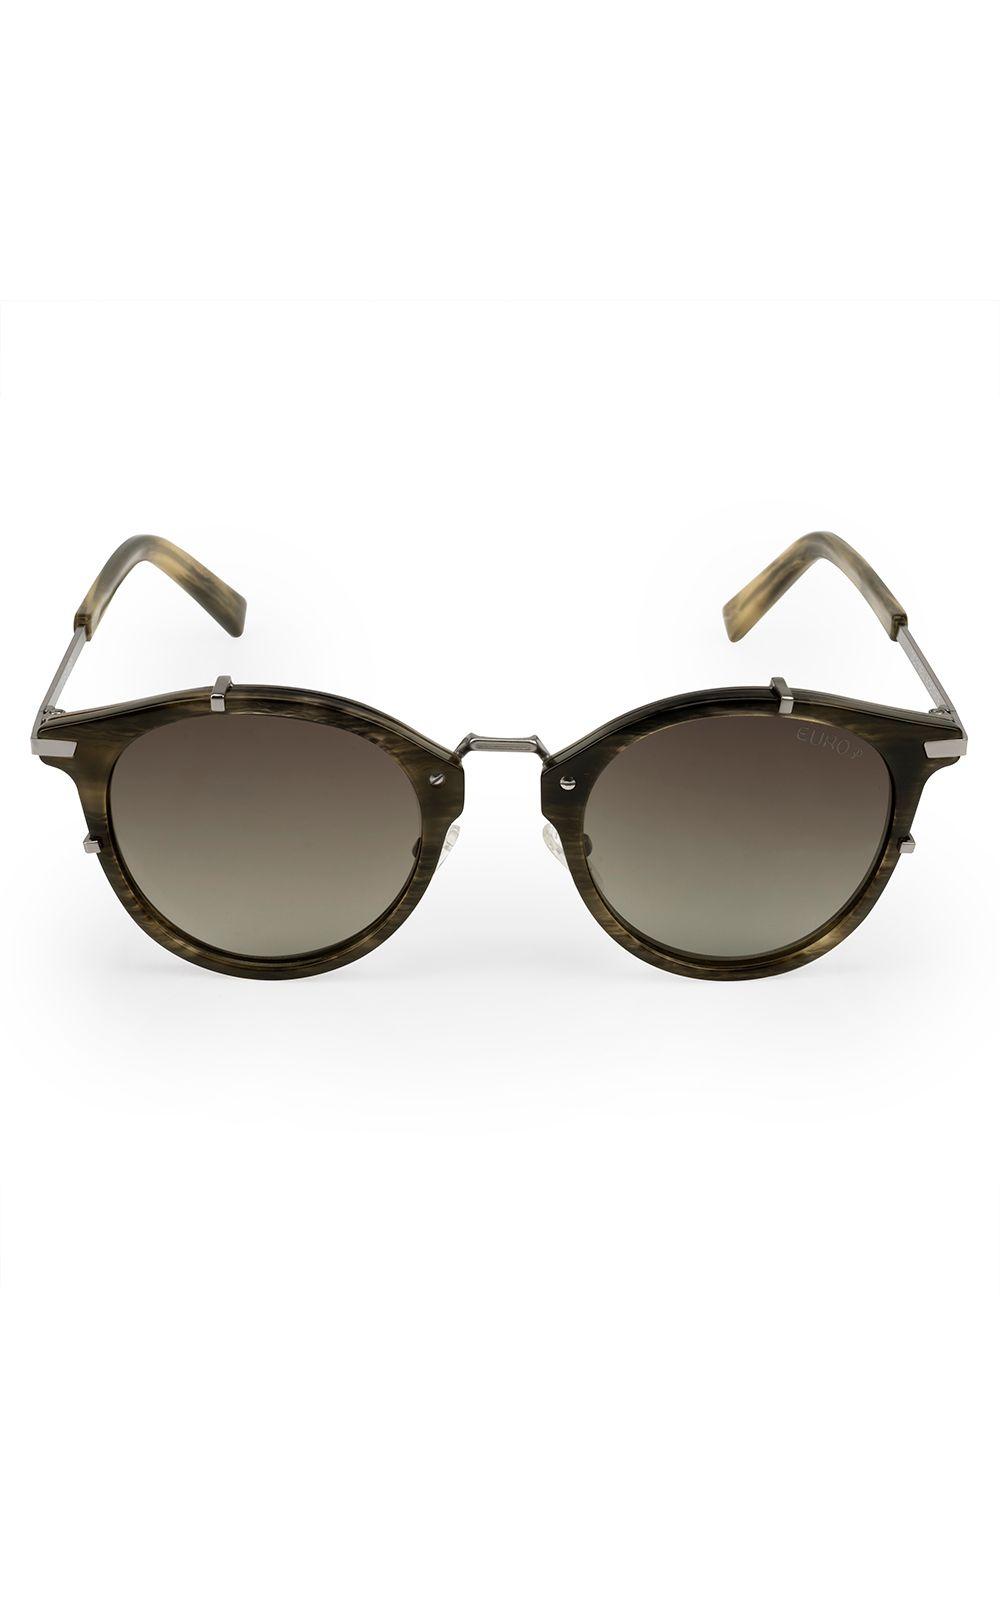 Óculos de sol Euro feminino Hit Verde Oliva OC219EU 8C. undefined a24502f84b